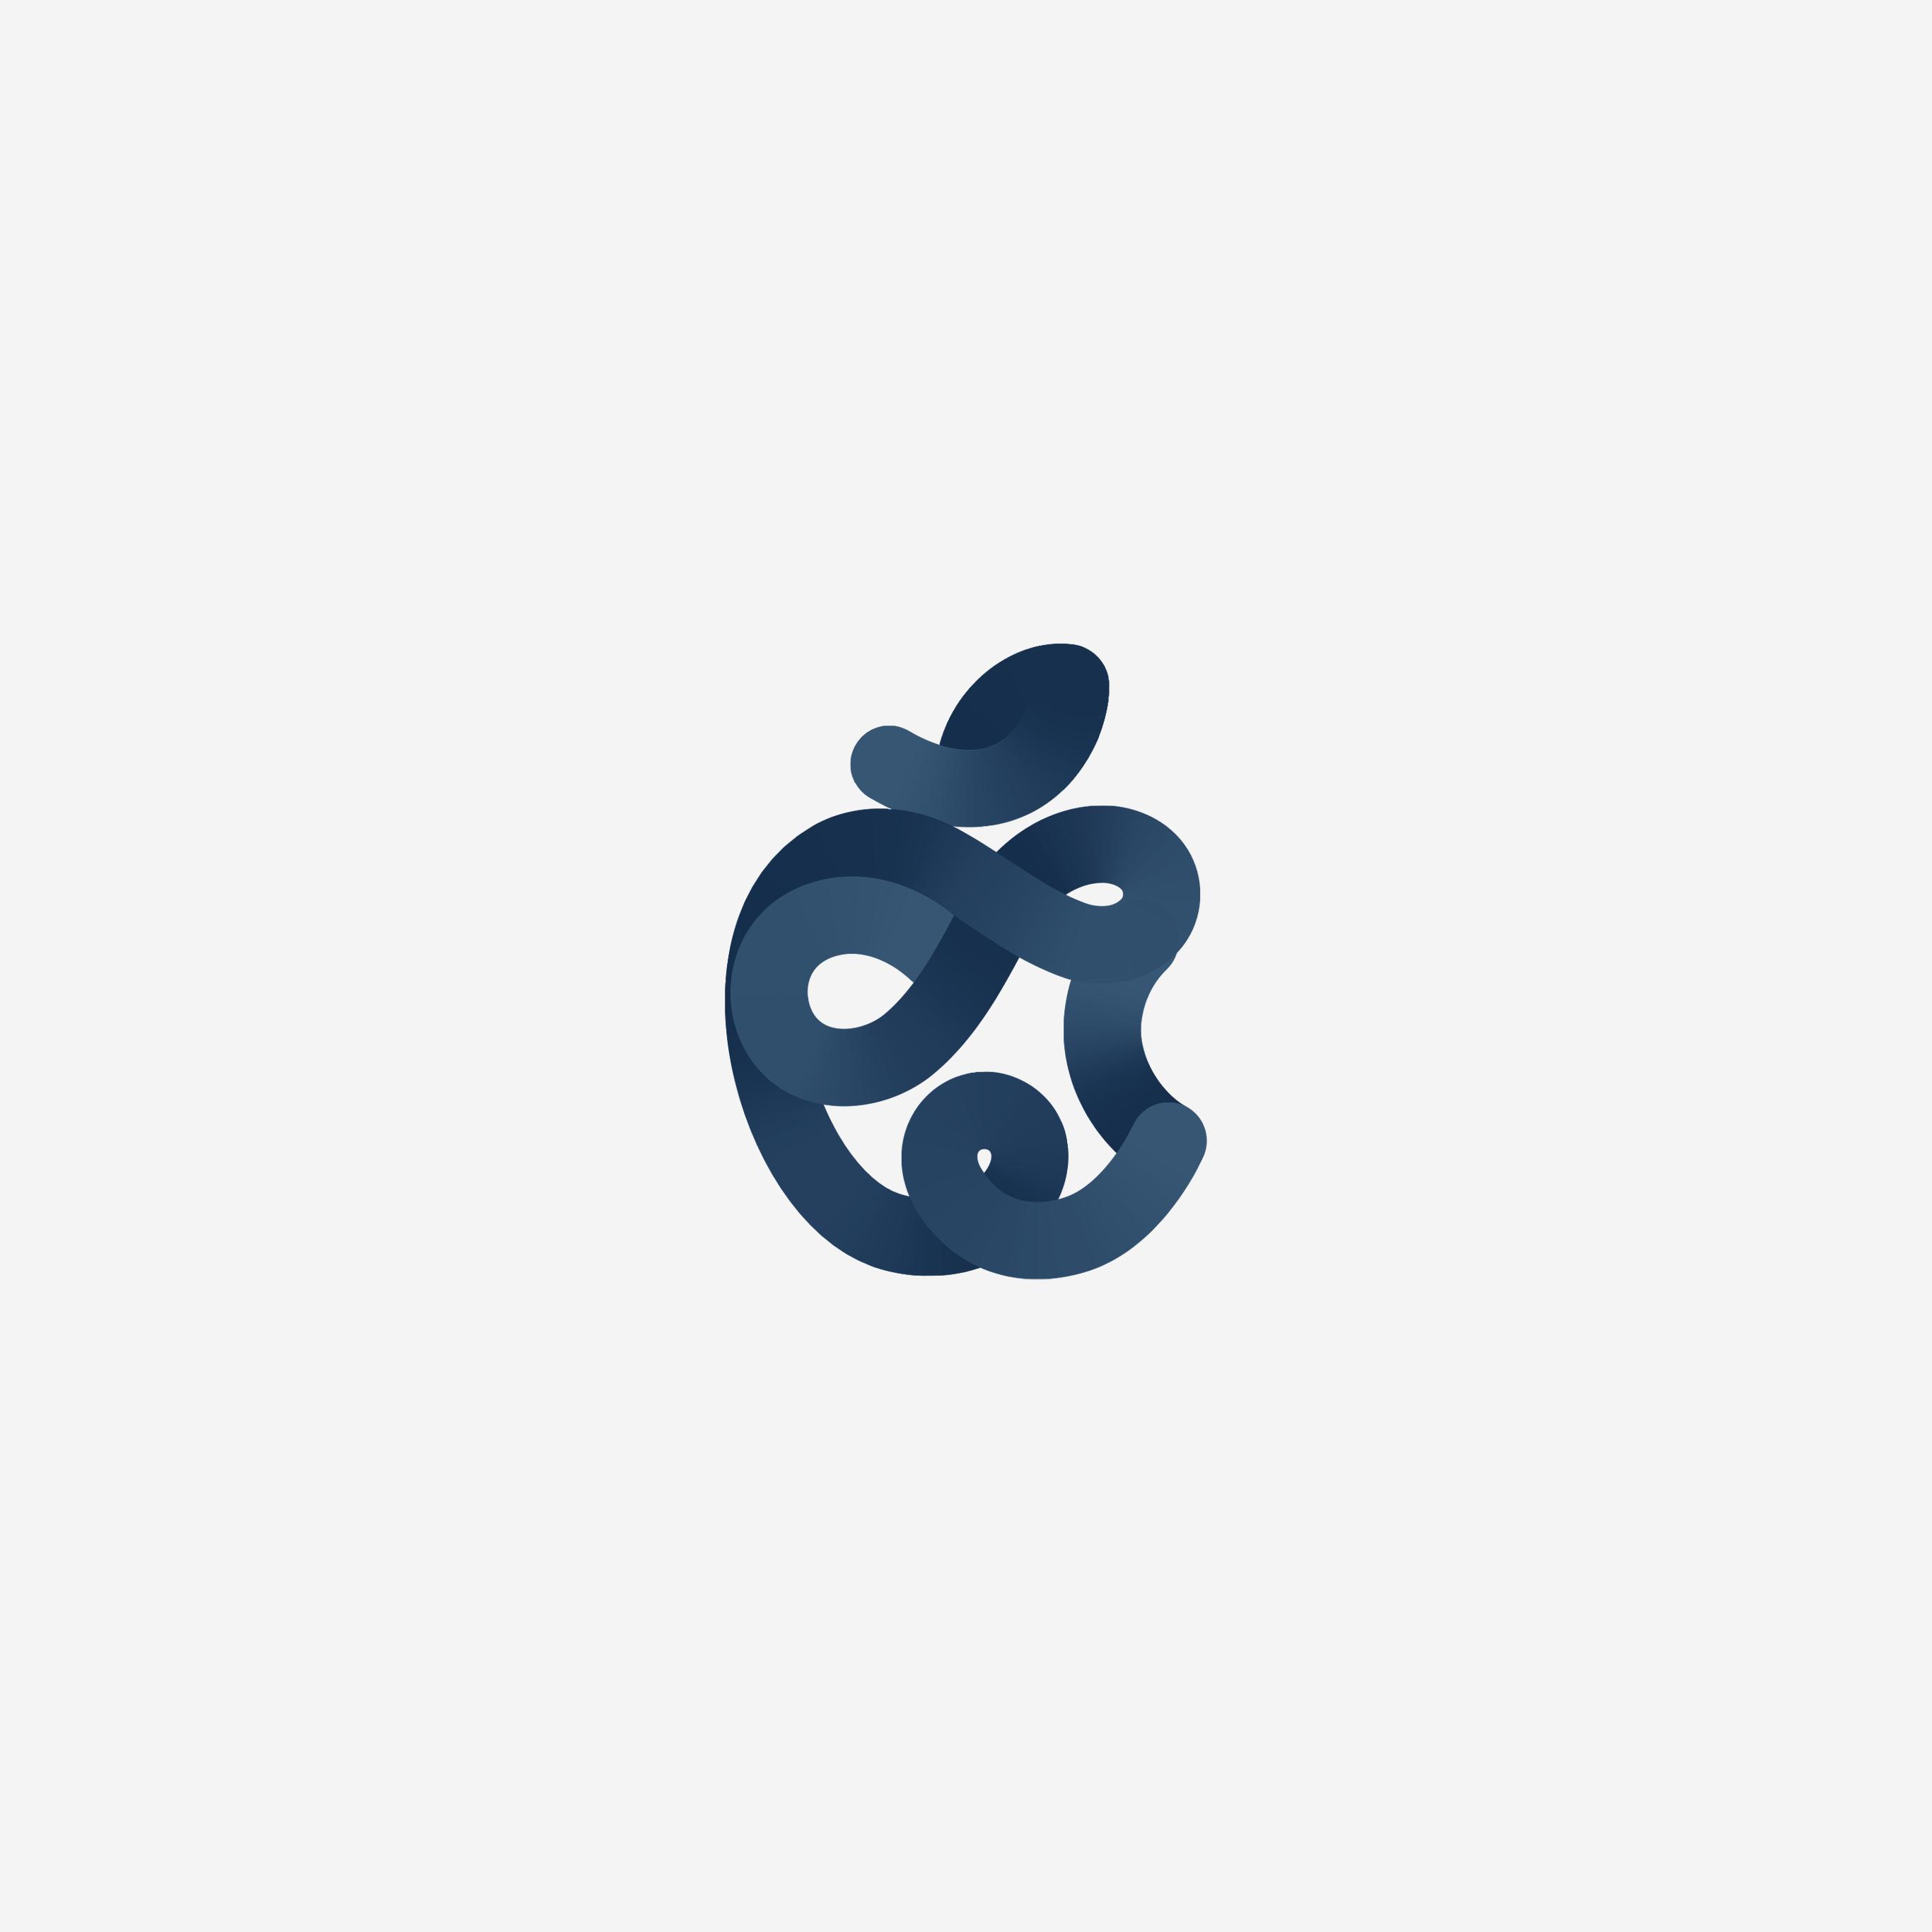 Apple September 15 event time flies ipad wallpaper aaplpro idownloadblog midnight blue logo light